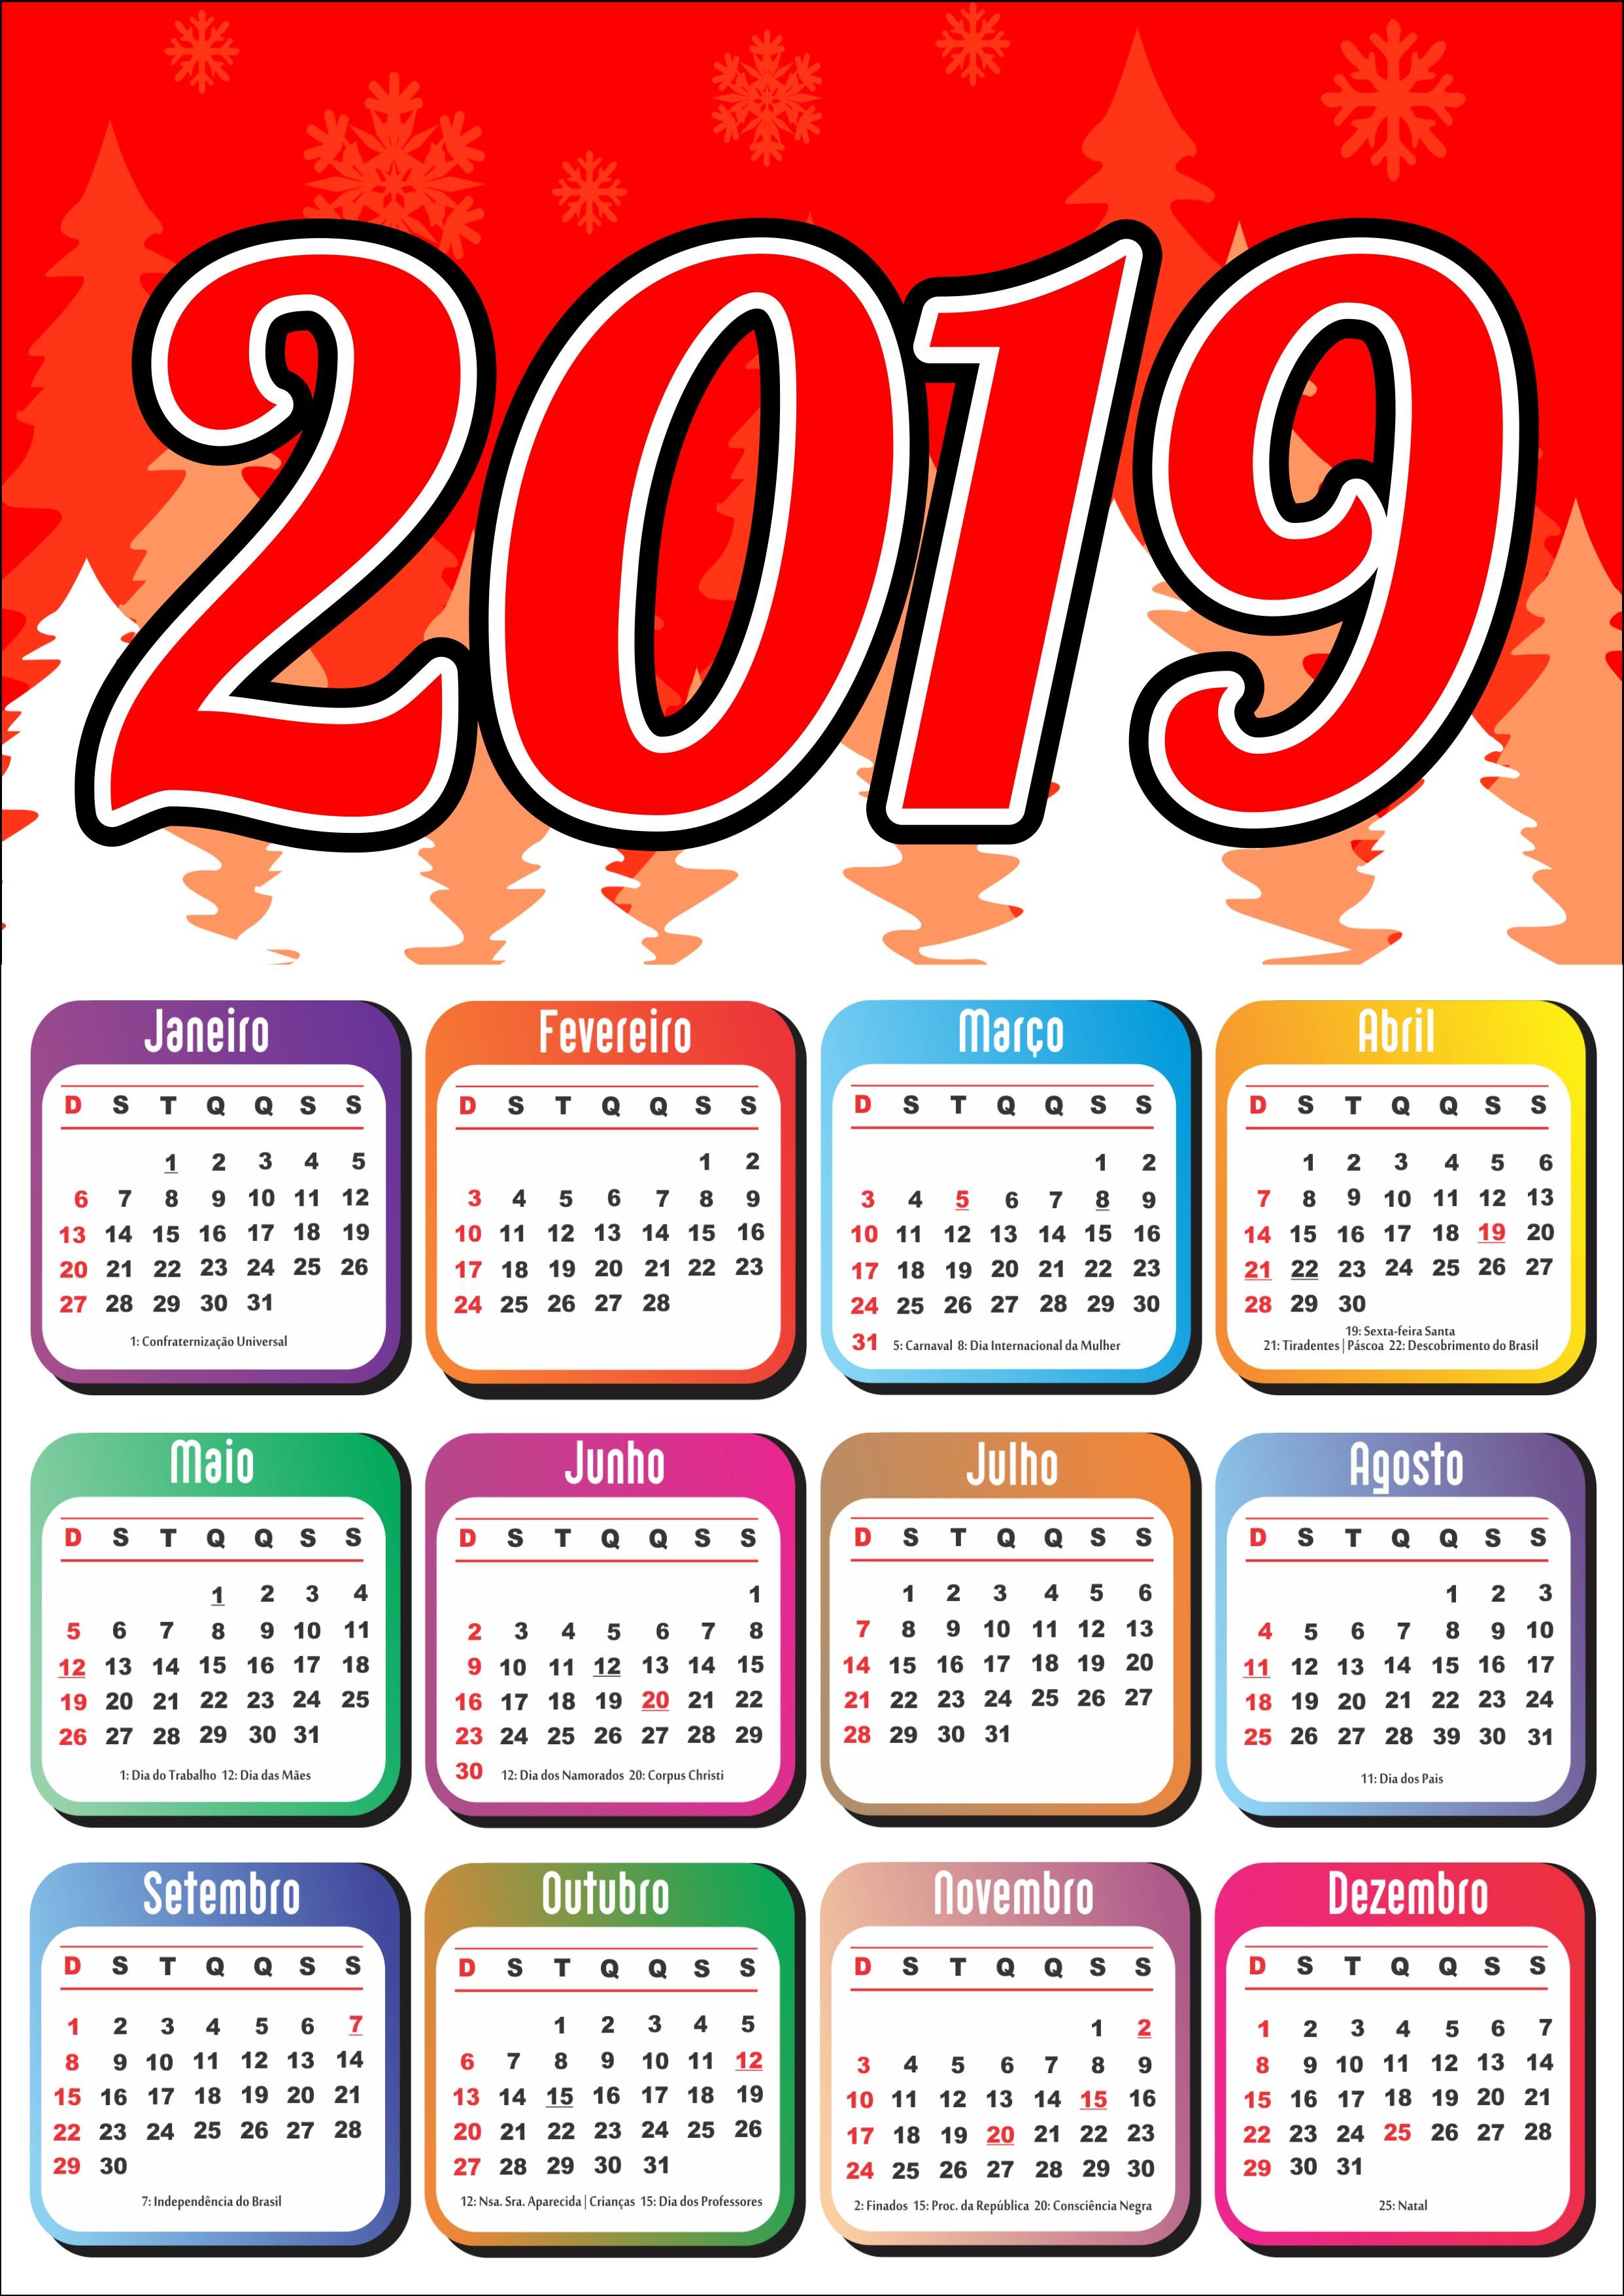 Calendario De 2019 Para Imprimir Gratis Más Actual Calendário 2019 Calendários Pinterest Of Calendario De 2019 Para Imprimir Gratis Más Actual Pin De Calendario Hispano En Calendario Lunar A±o 2018